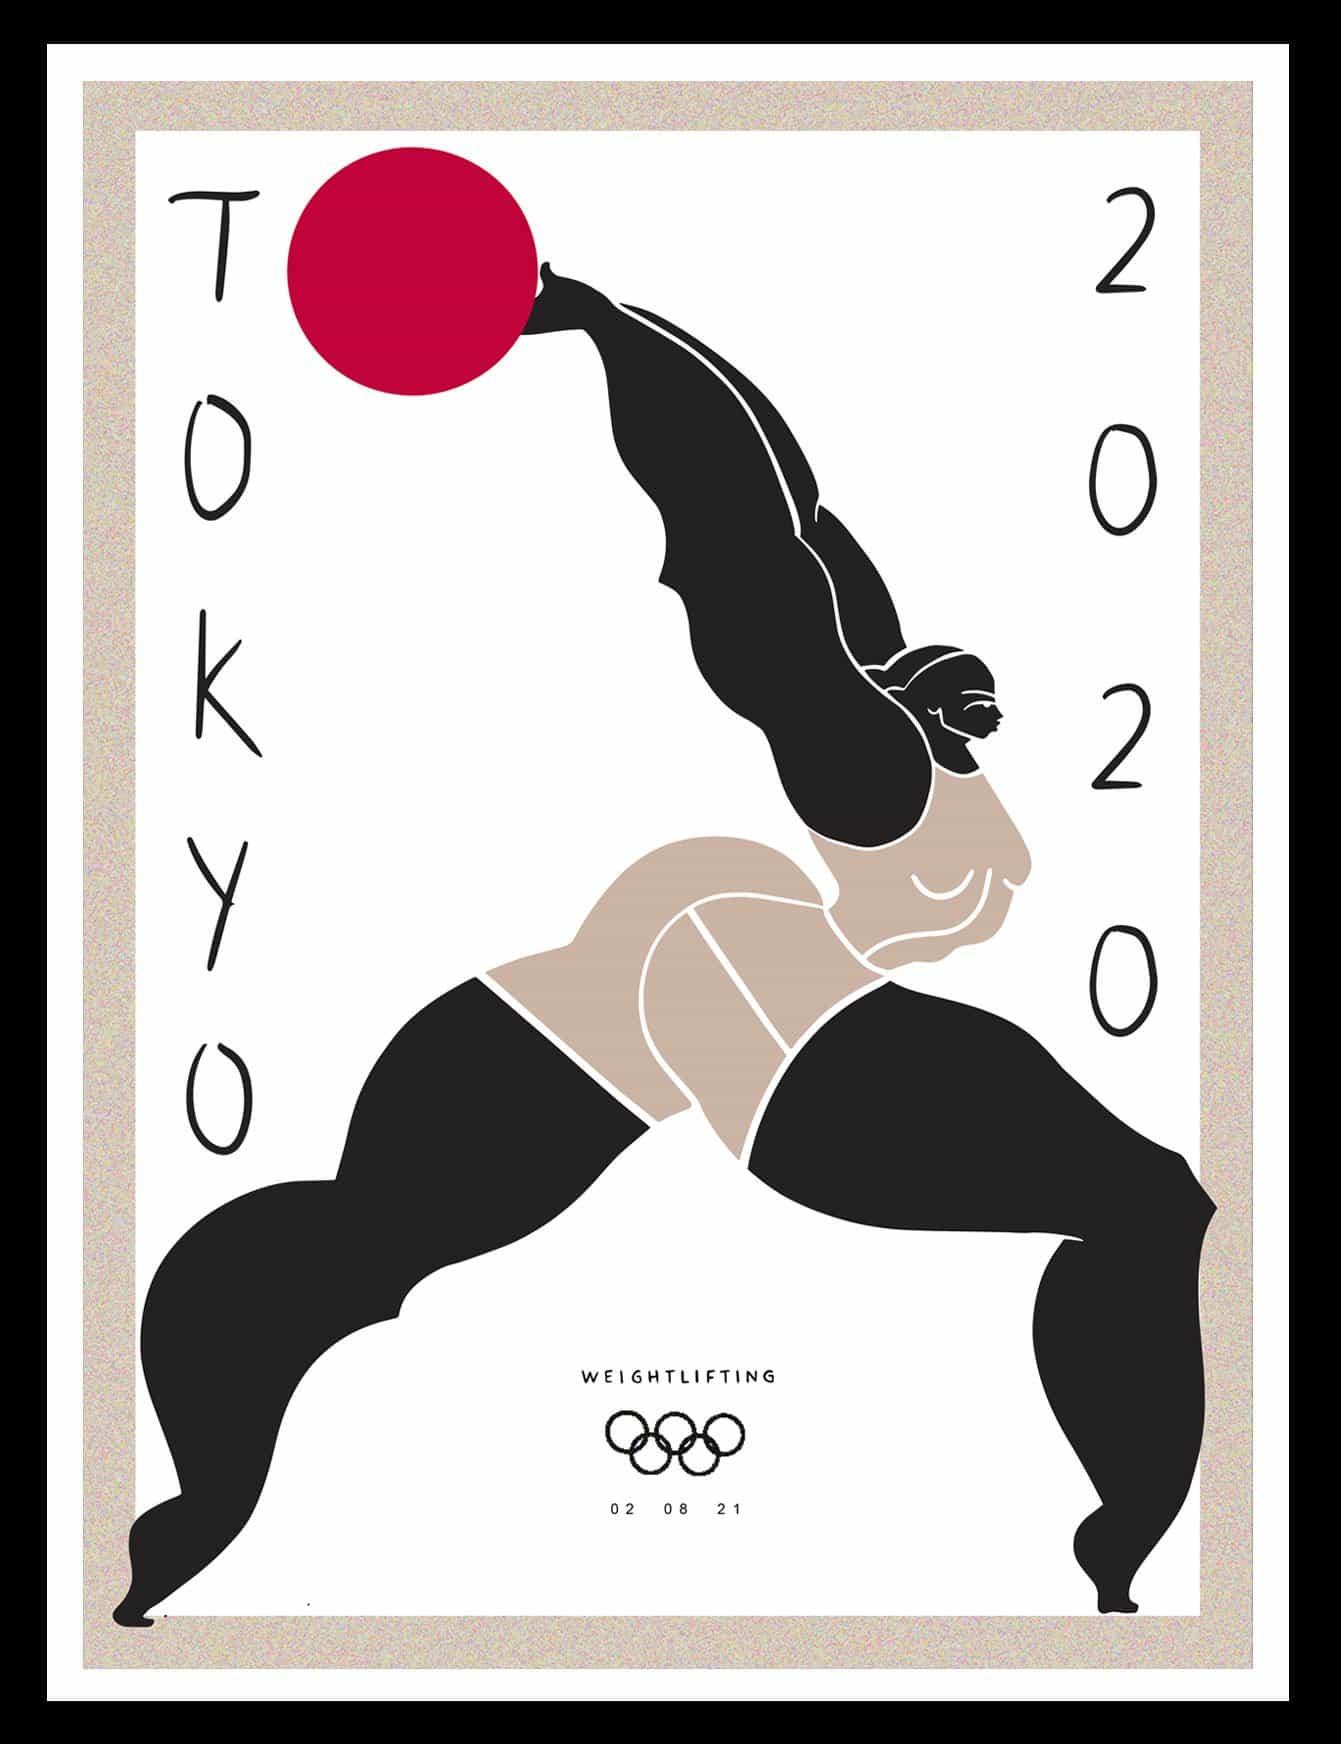 La serie olímpica de Tokio de la ilustradora Kelly Anna demuestra que aún no ha terminado de evolucionar